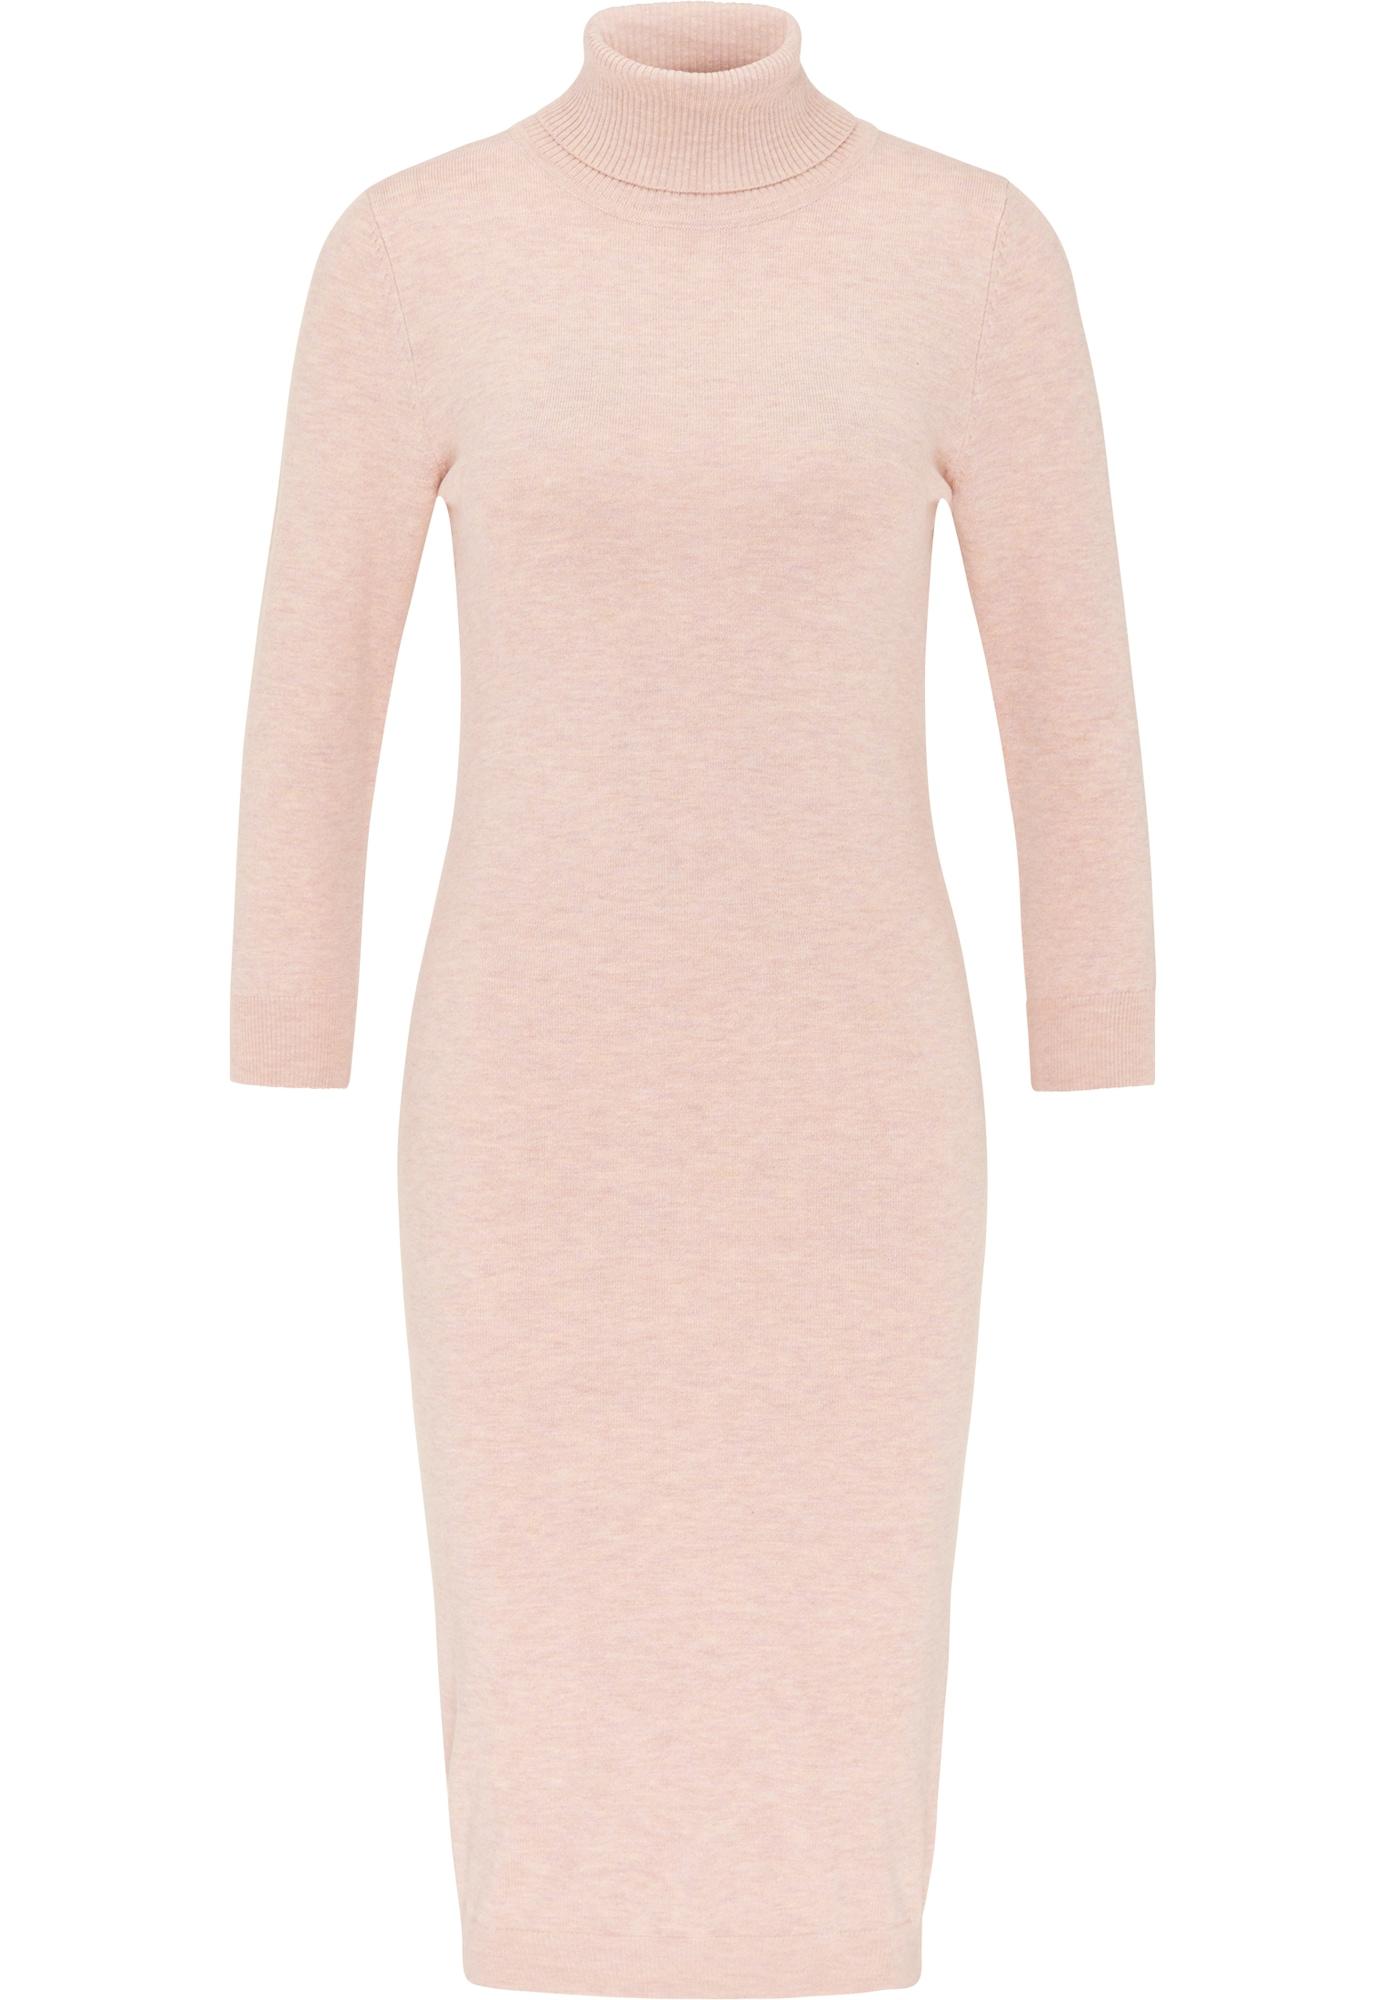 usha BLACK LABEL Megzta suknelė pastelinė rožinė